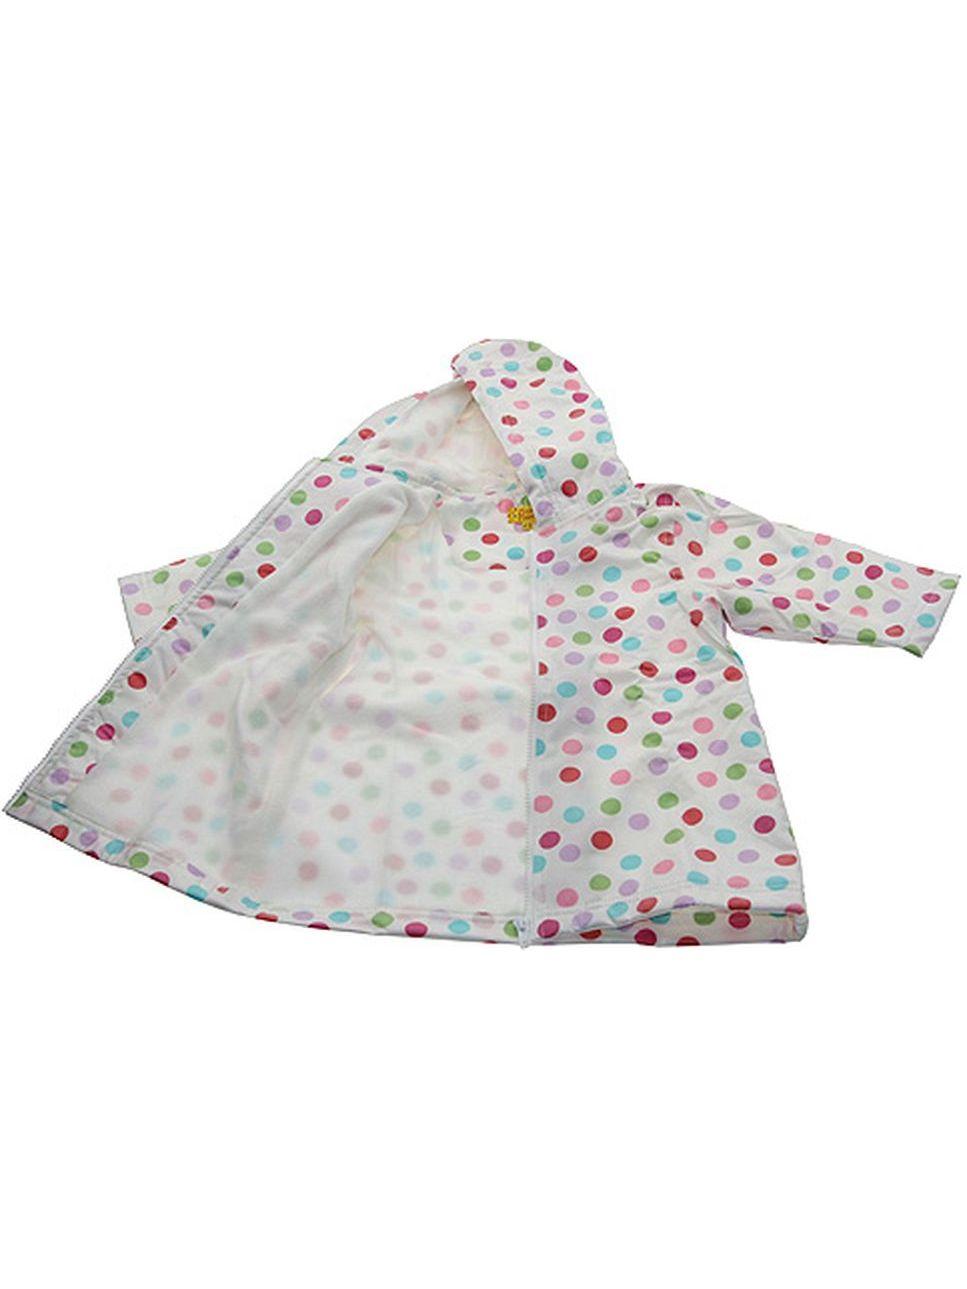 Girls Cute White Polka Dot Lined Raincoat 4/5